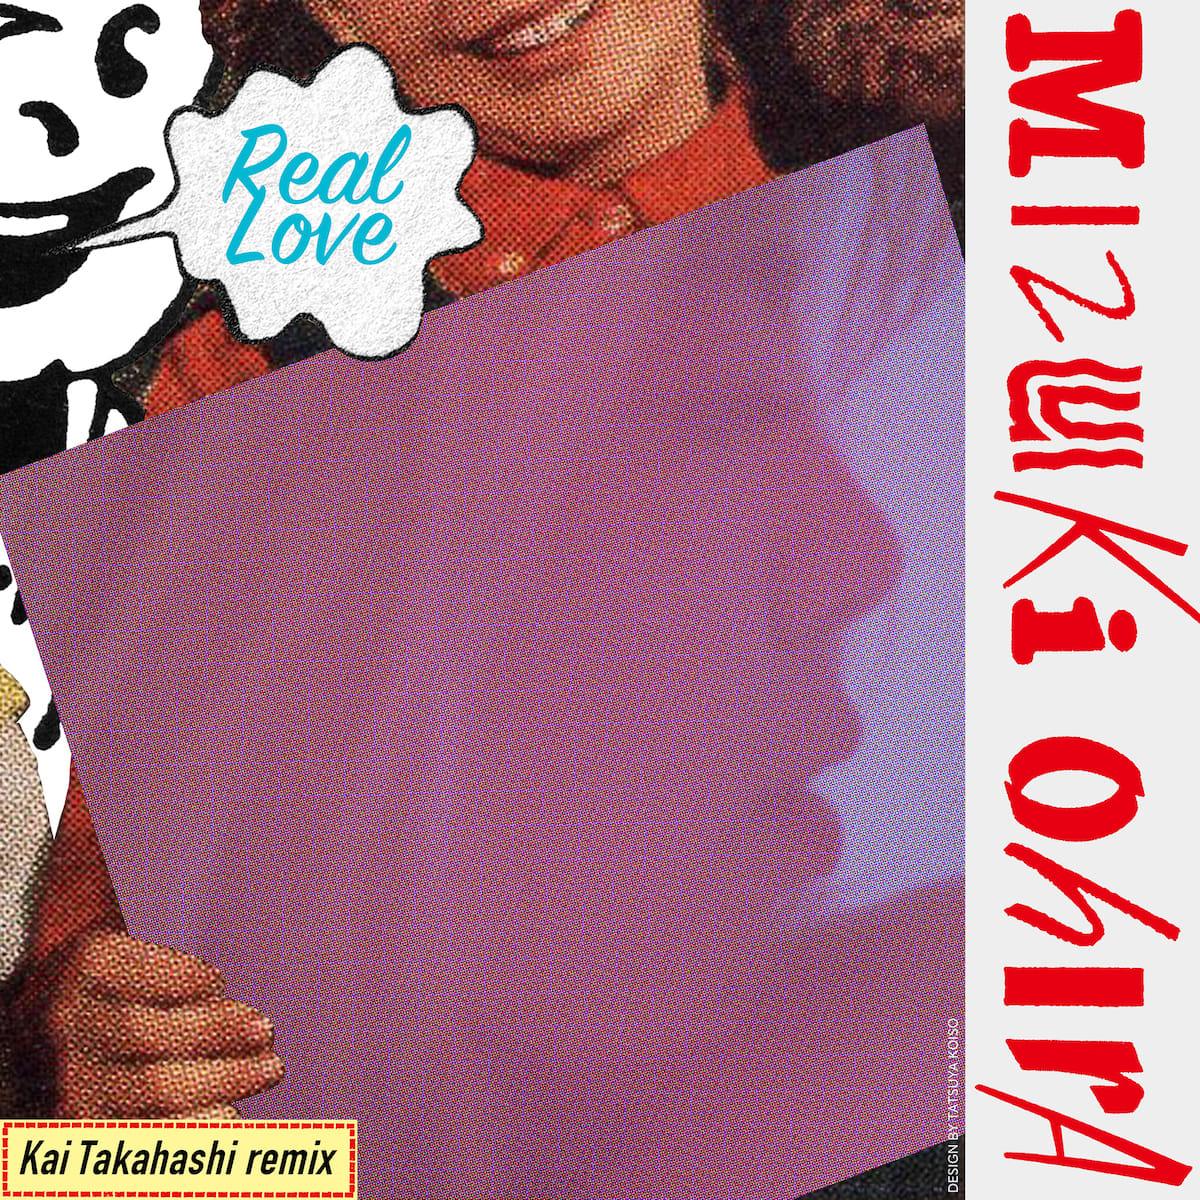 大比良瑞希、3作連続Remix企画のラストにLucky Tapes・Kai Takahashiが登場! music180516_ohiramizuki-1200x1200